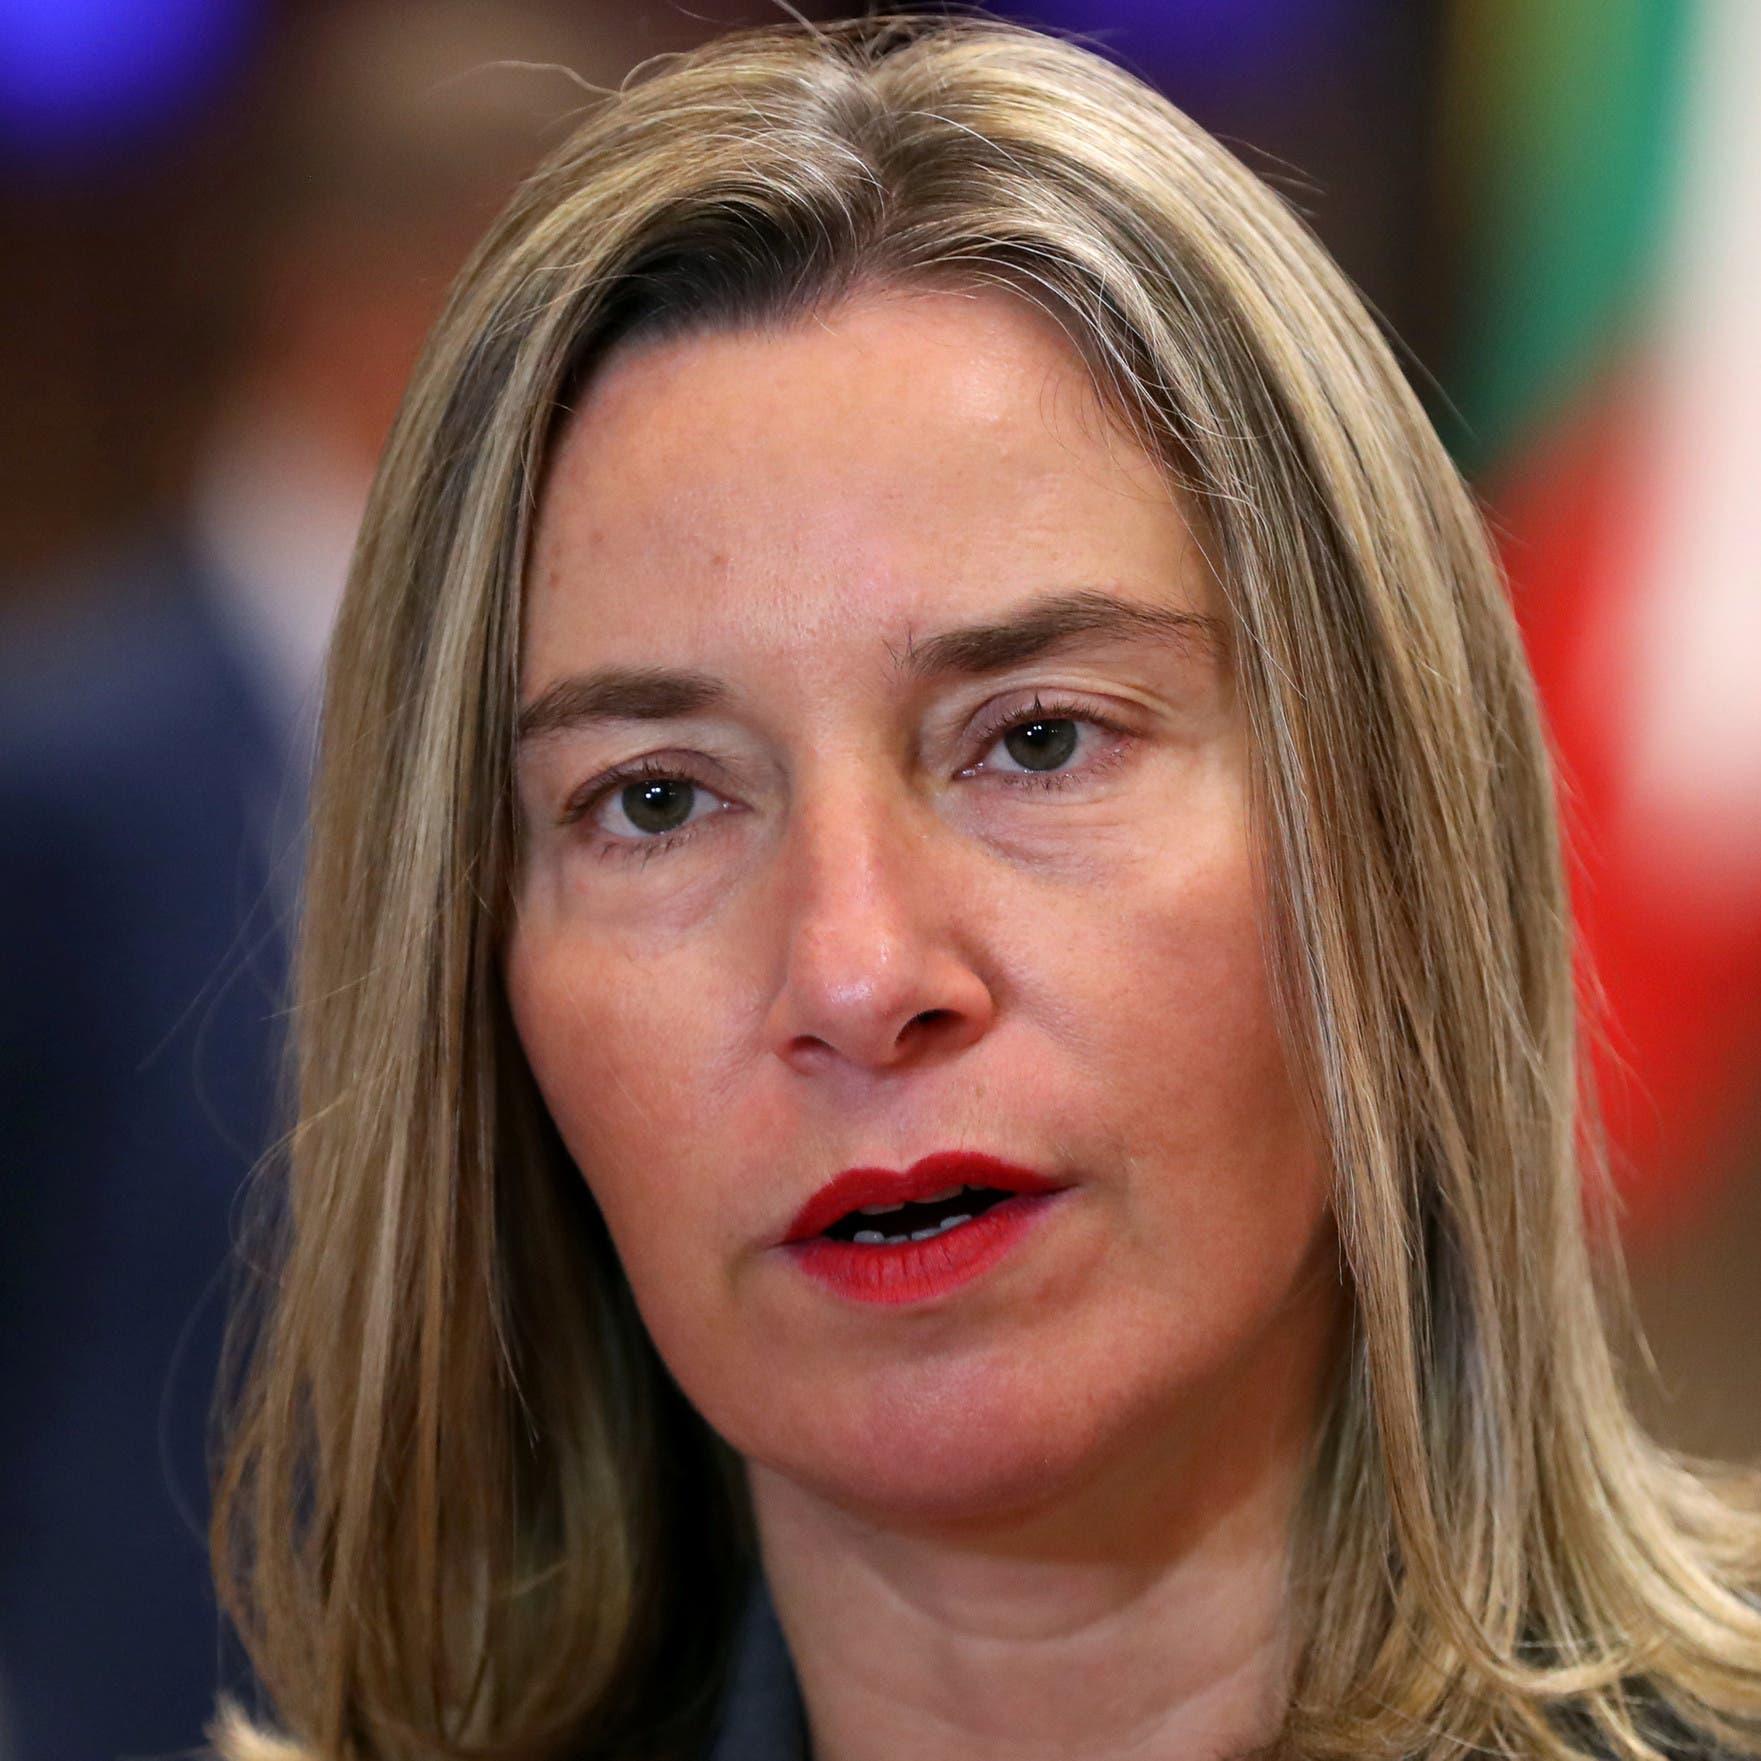 أوروبا تحذّر تركيا مجددا من تنقيب غير قانوني قبالة قبرص